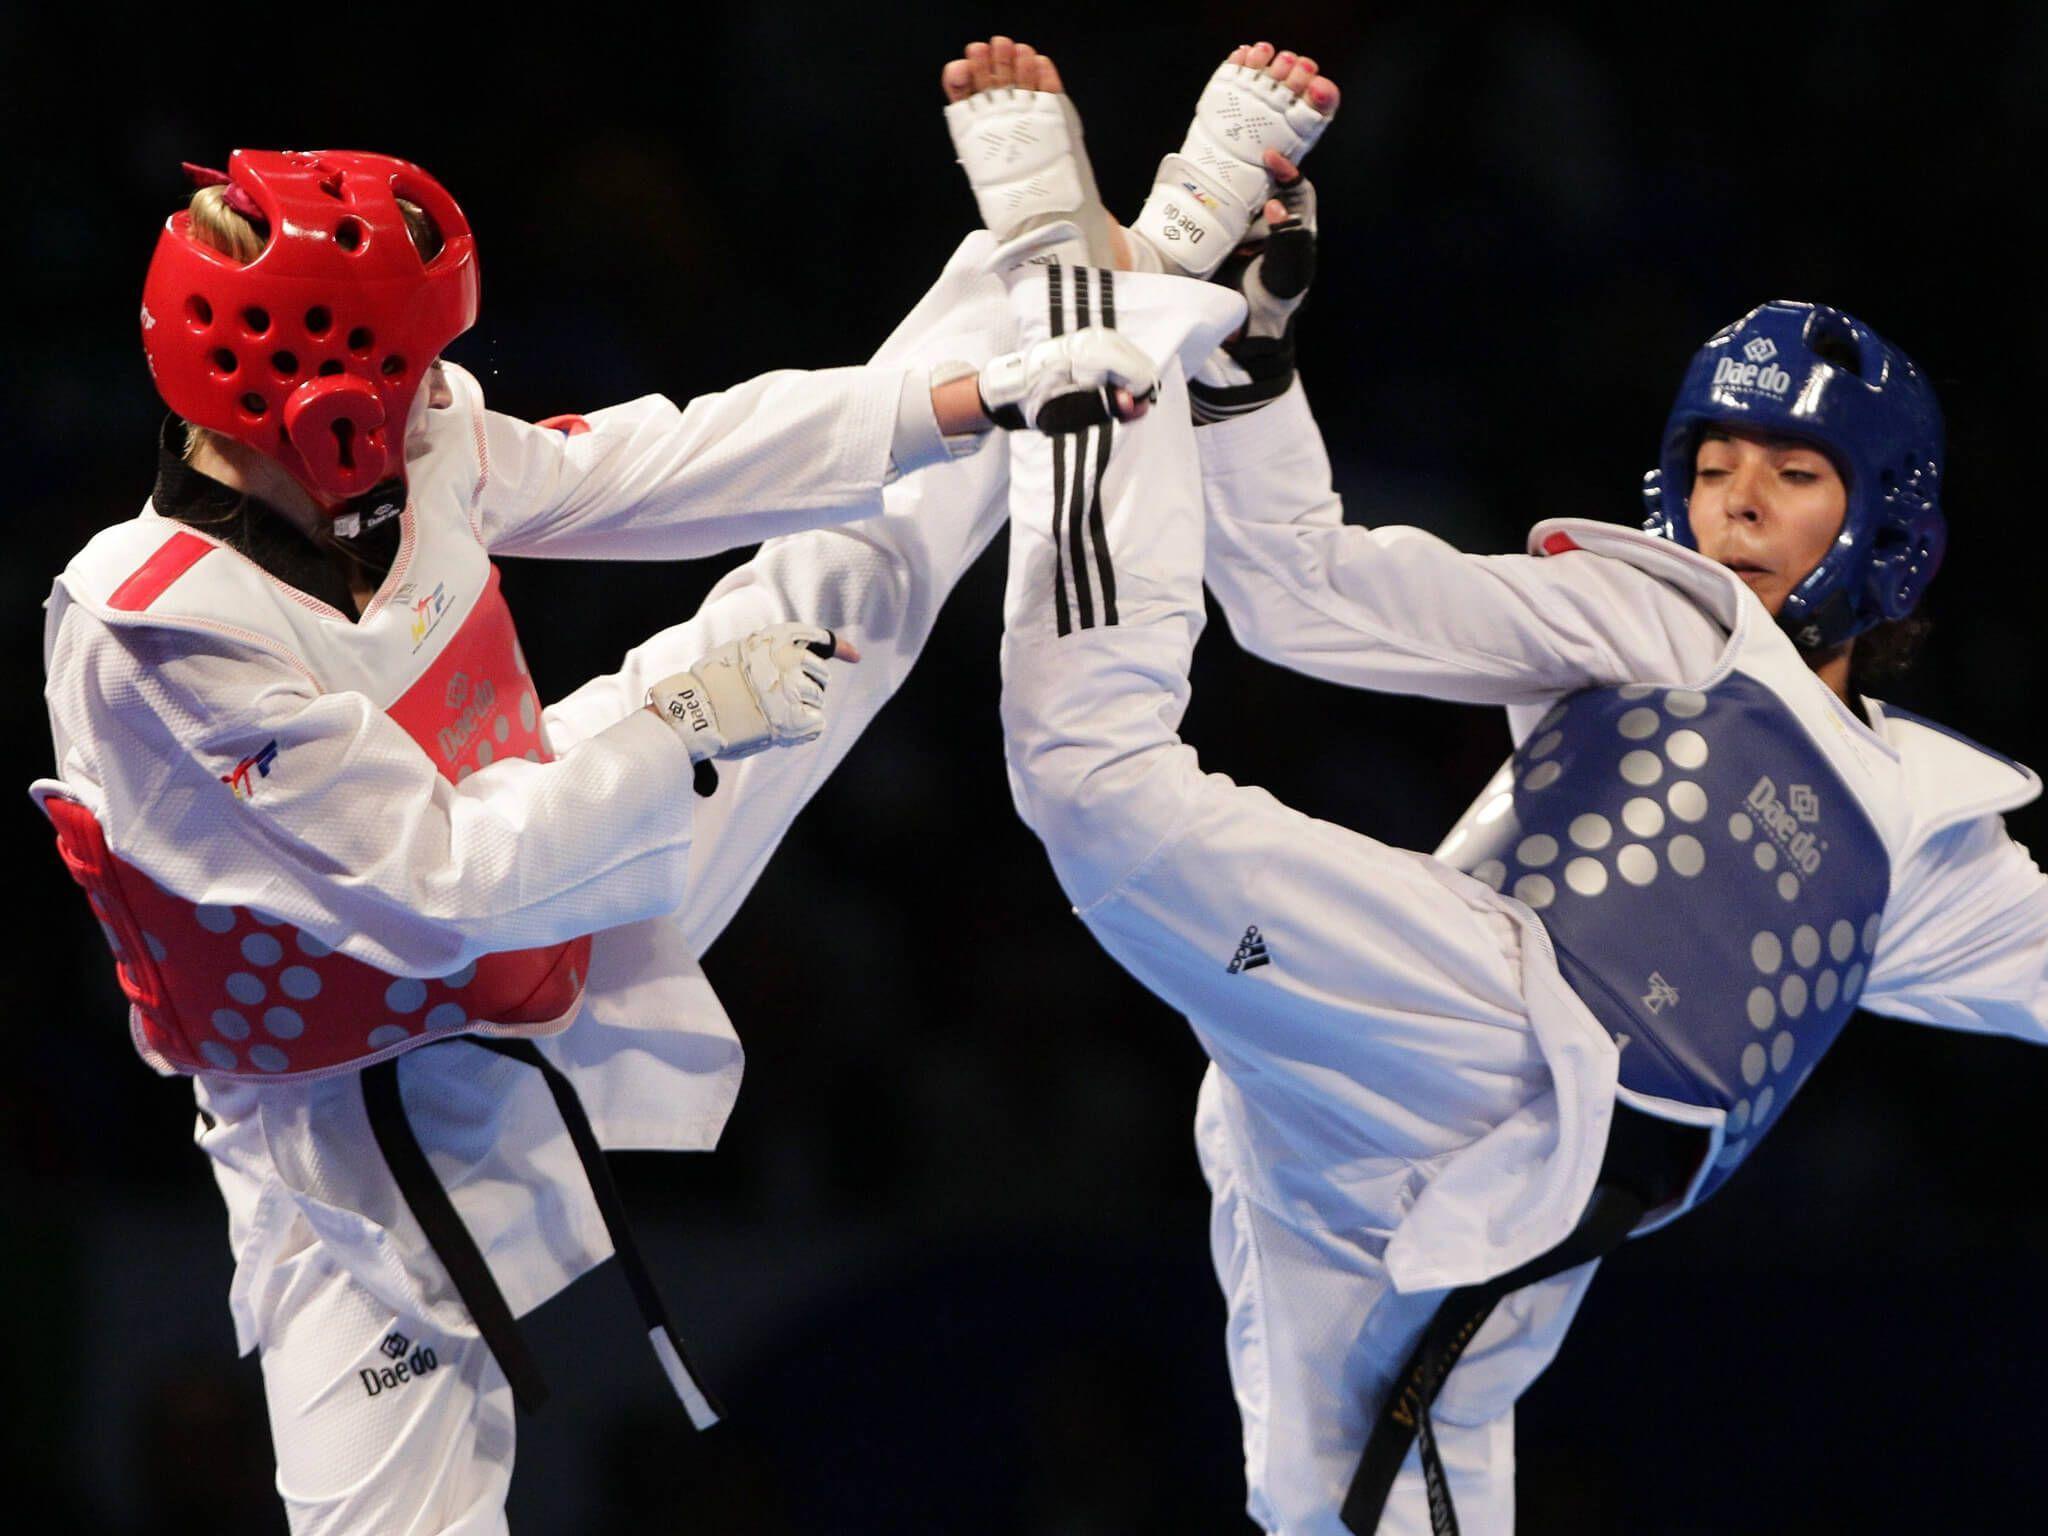 Taekwondo Name Wallpapers - Top Free Taekwondo Name